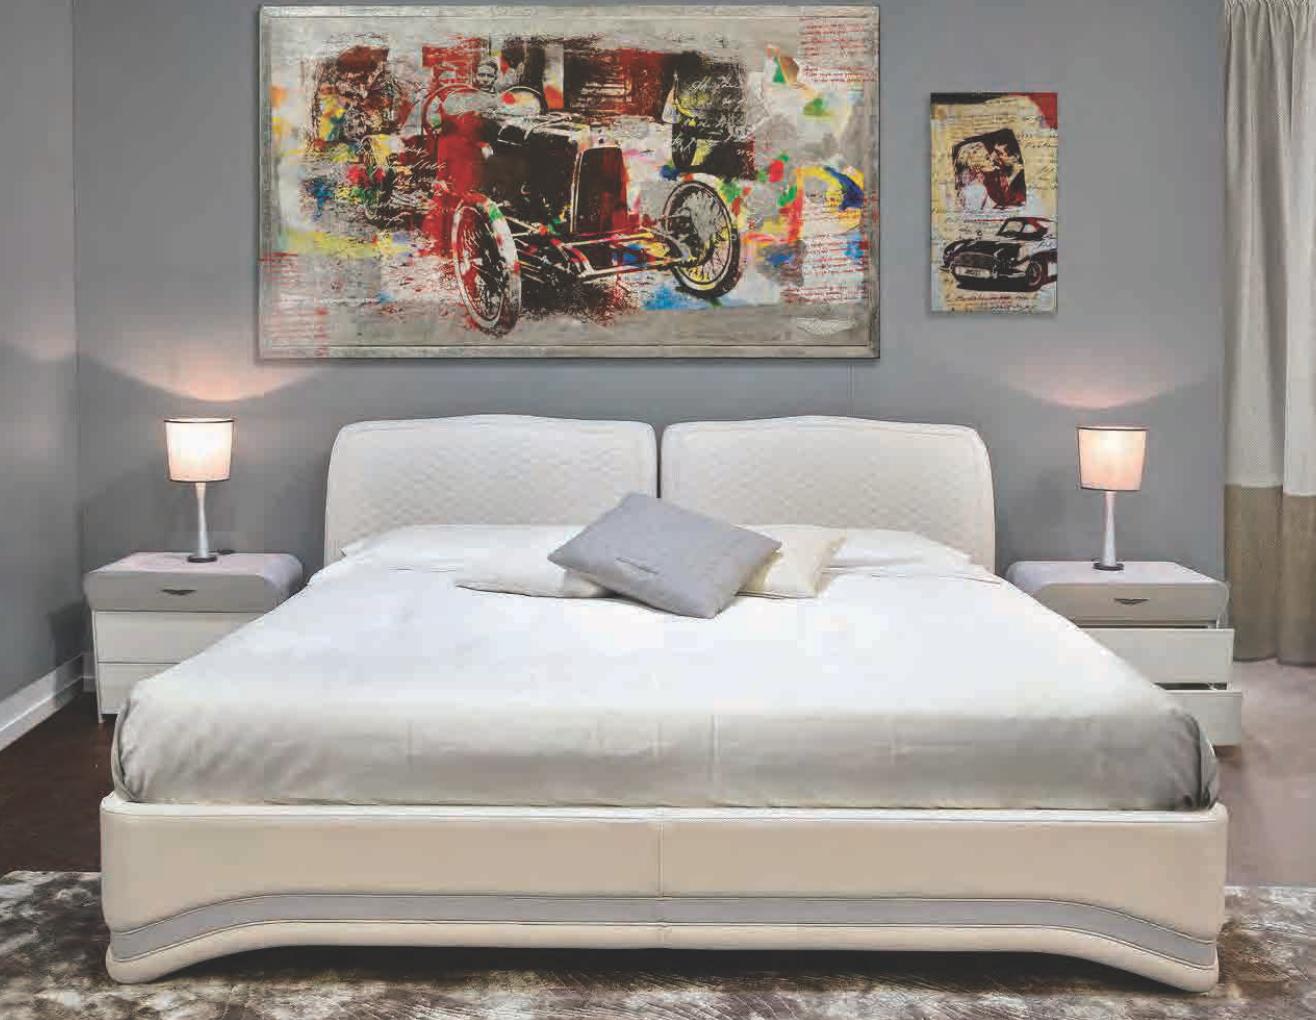 aston martin v035 bed marbella.jpg